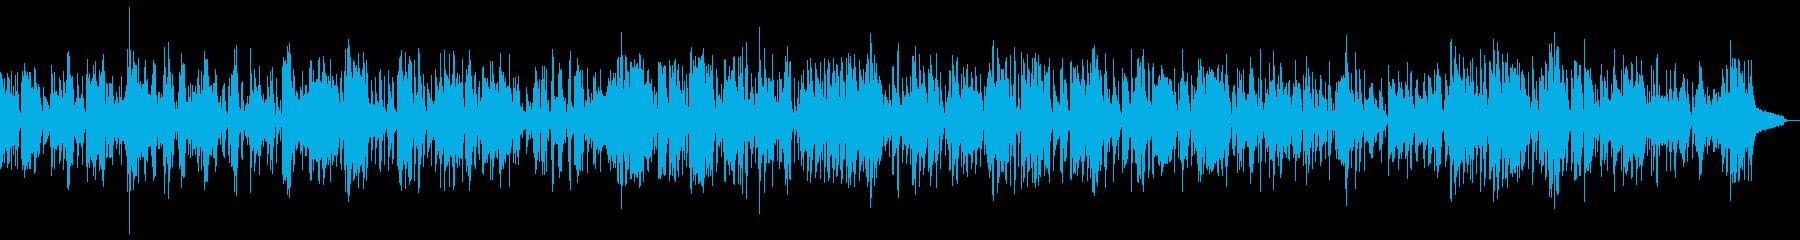 SAXソロの落ち着いたスロージャズの再生済みの波形